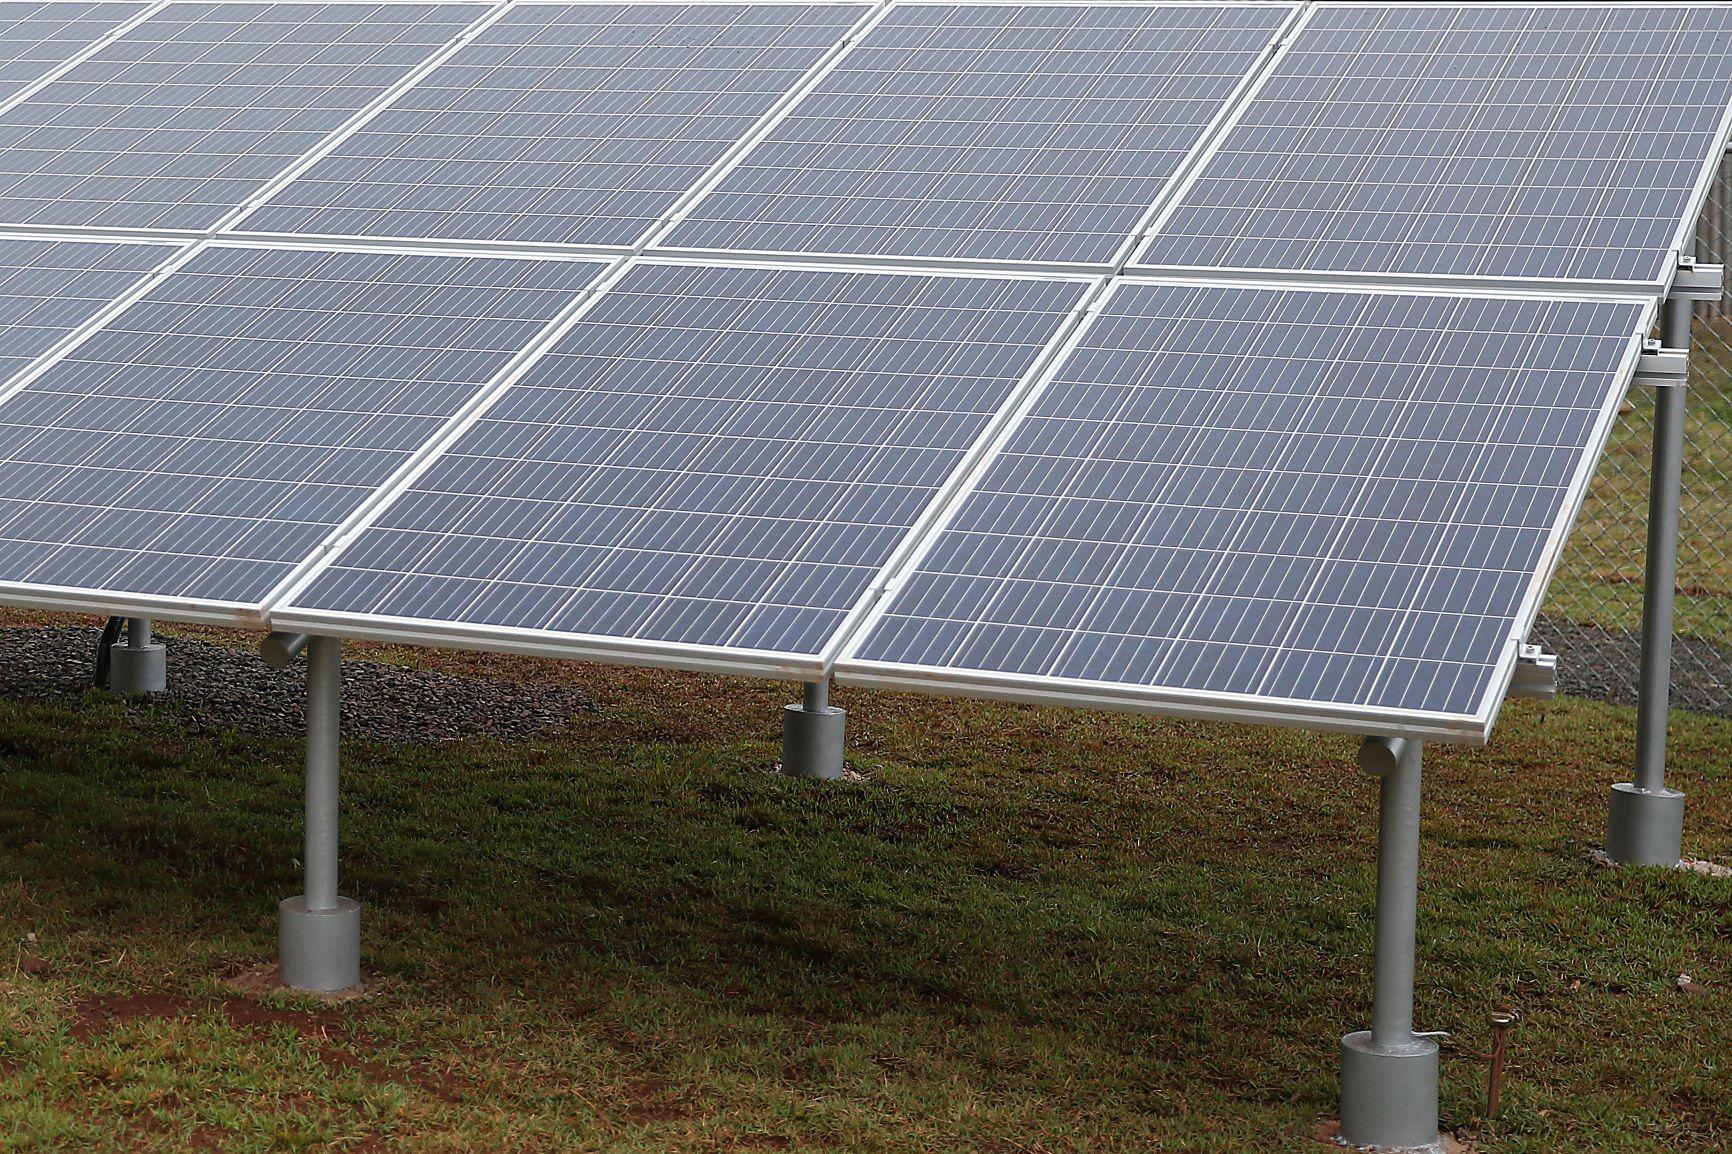 Painel solar em Goiás: material para reciclagem inclui silício, alumínio, vidro e metais nobres como cobre e prata (Foto: José Cruz/Agência Brasil)